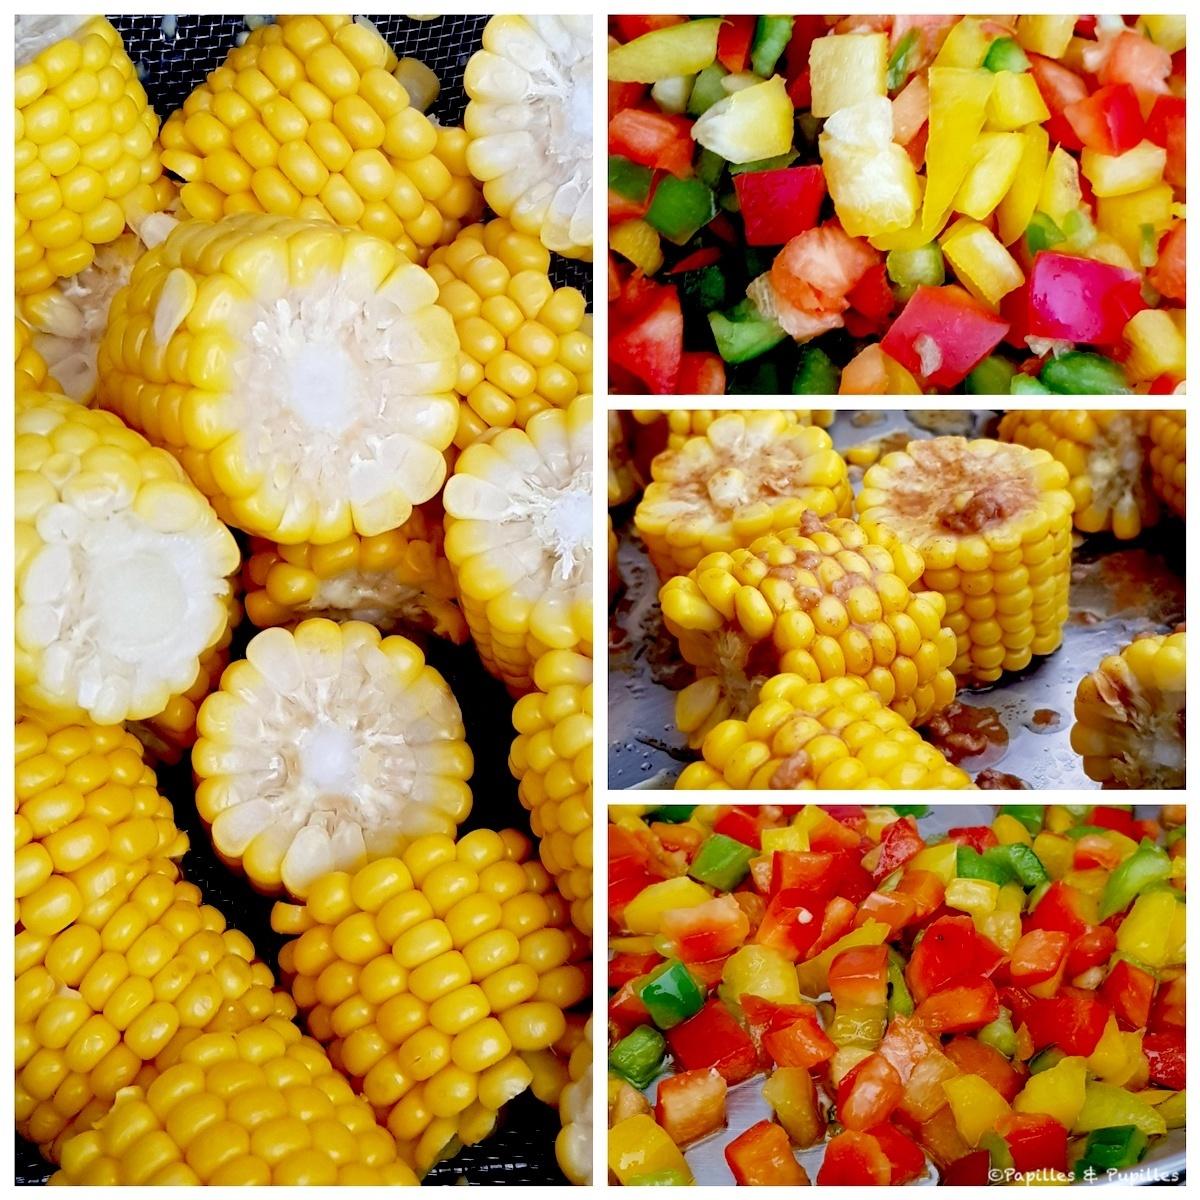 Maïs et poivrons